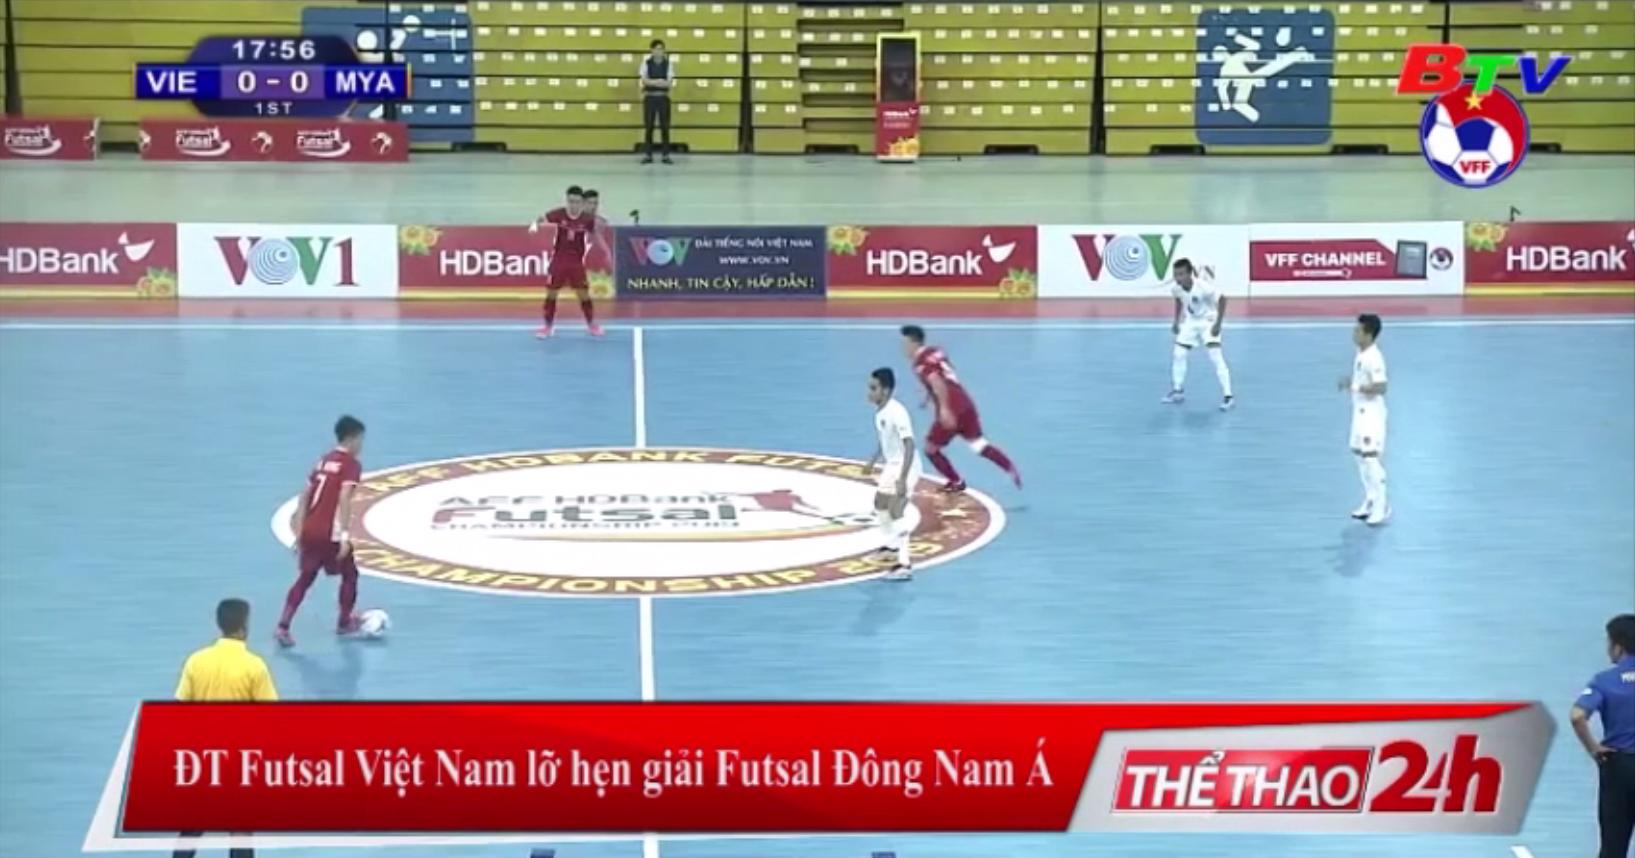 ĐT Futsal Việt Nam lỡ hẹn giải Futsal Đông Nam Á